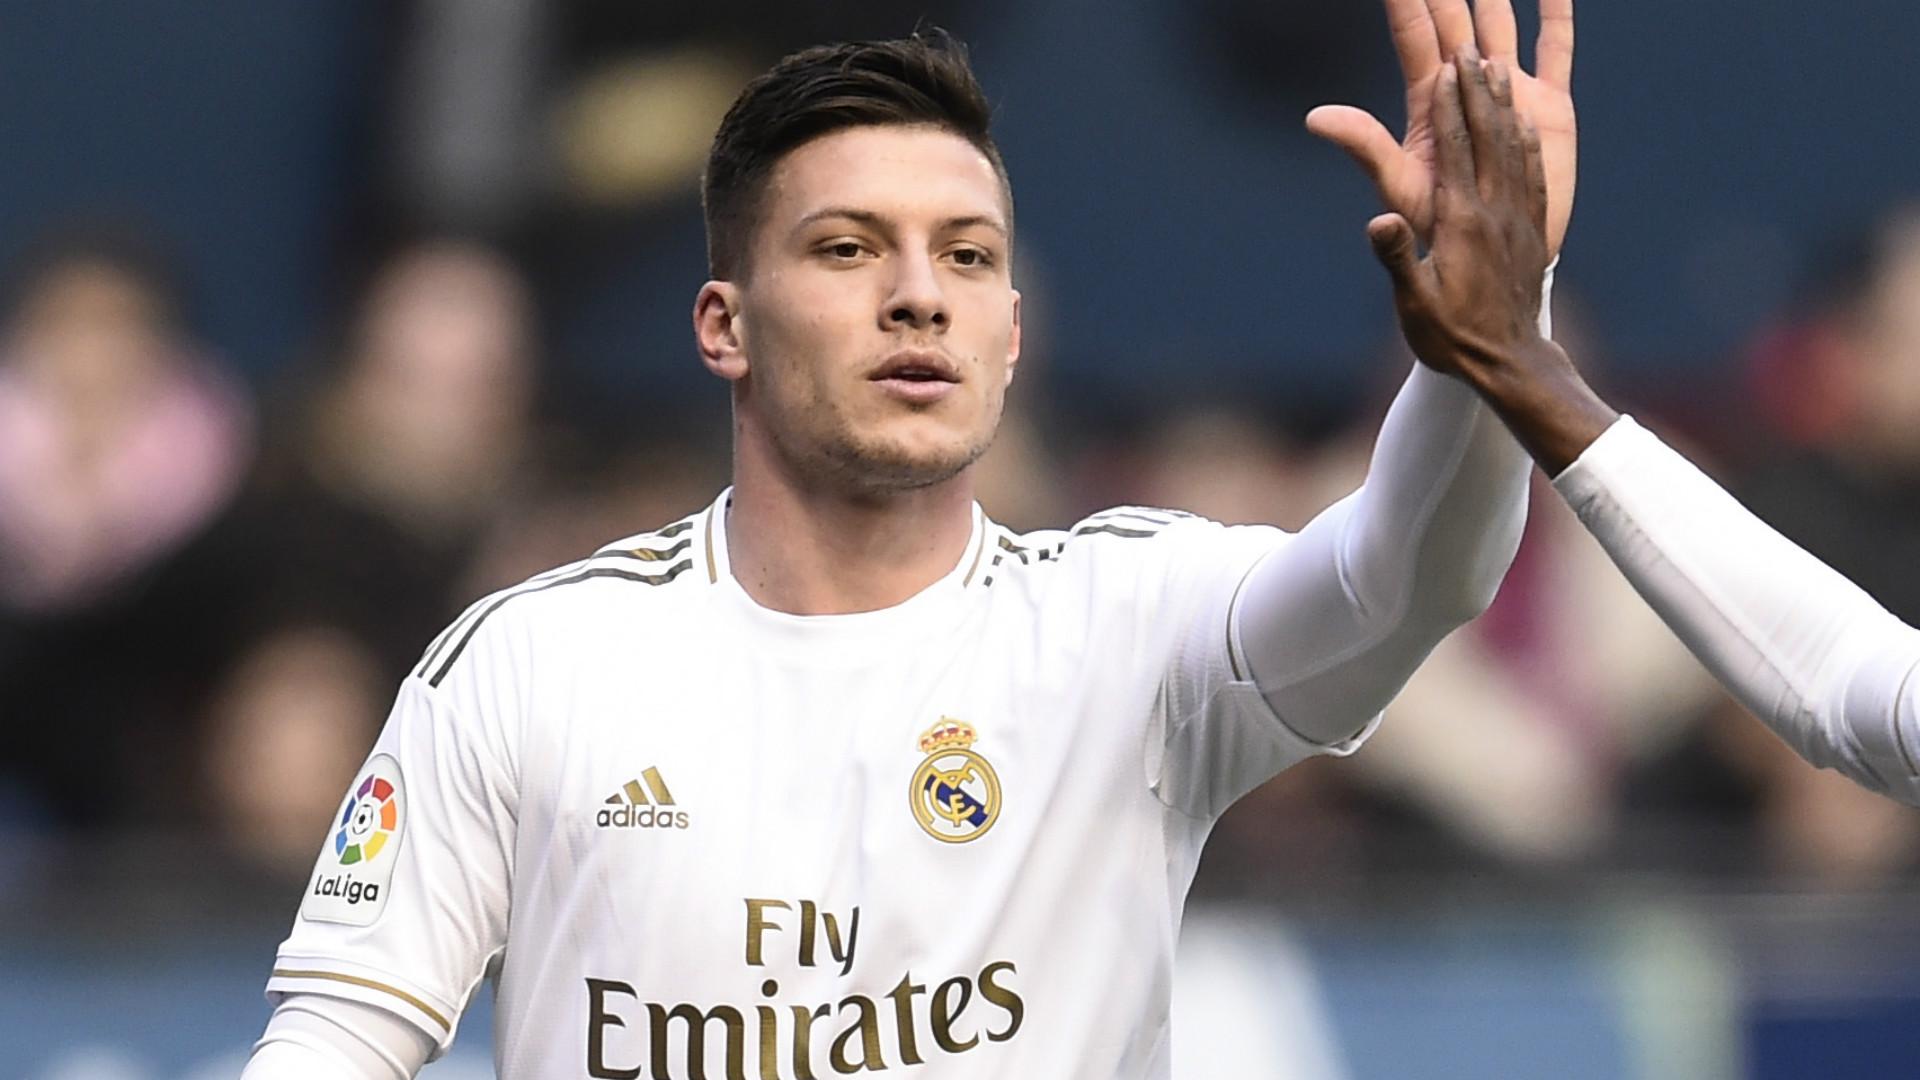 سوق الإنتقالات - ميلان يفاوض ريال مدريد من أجل مهاجمه